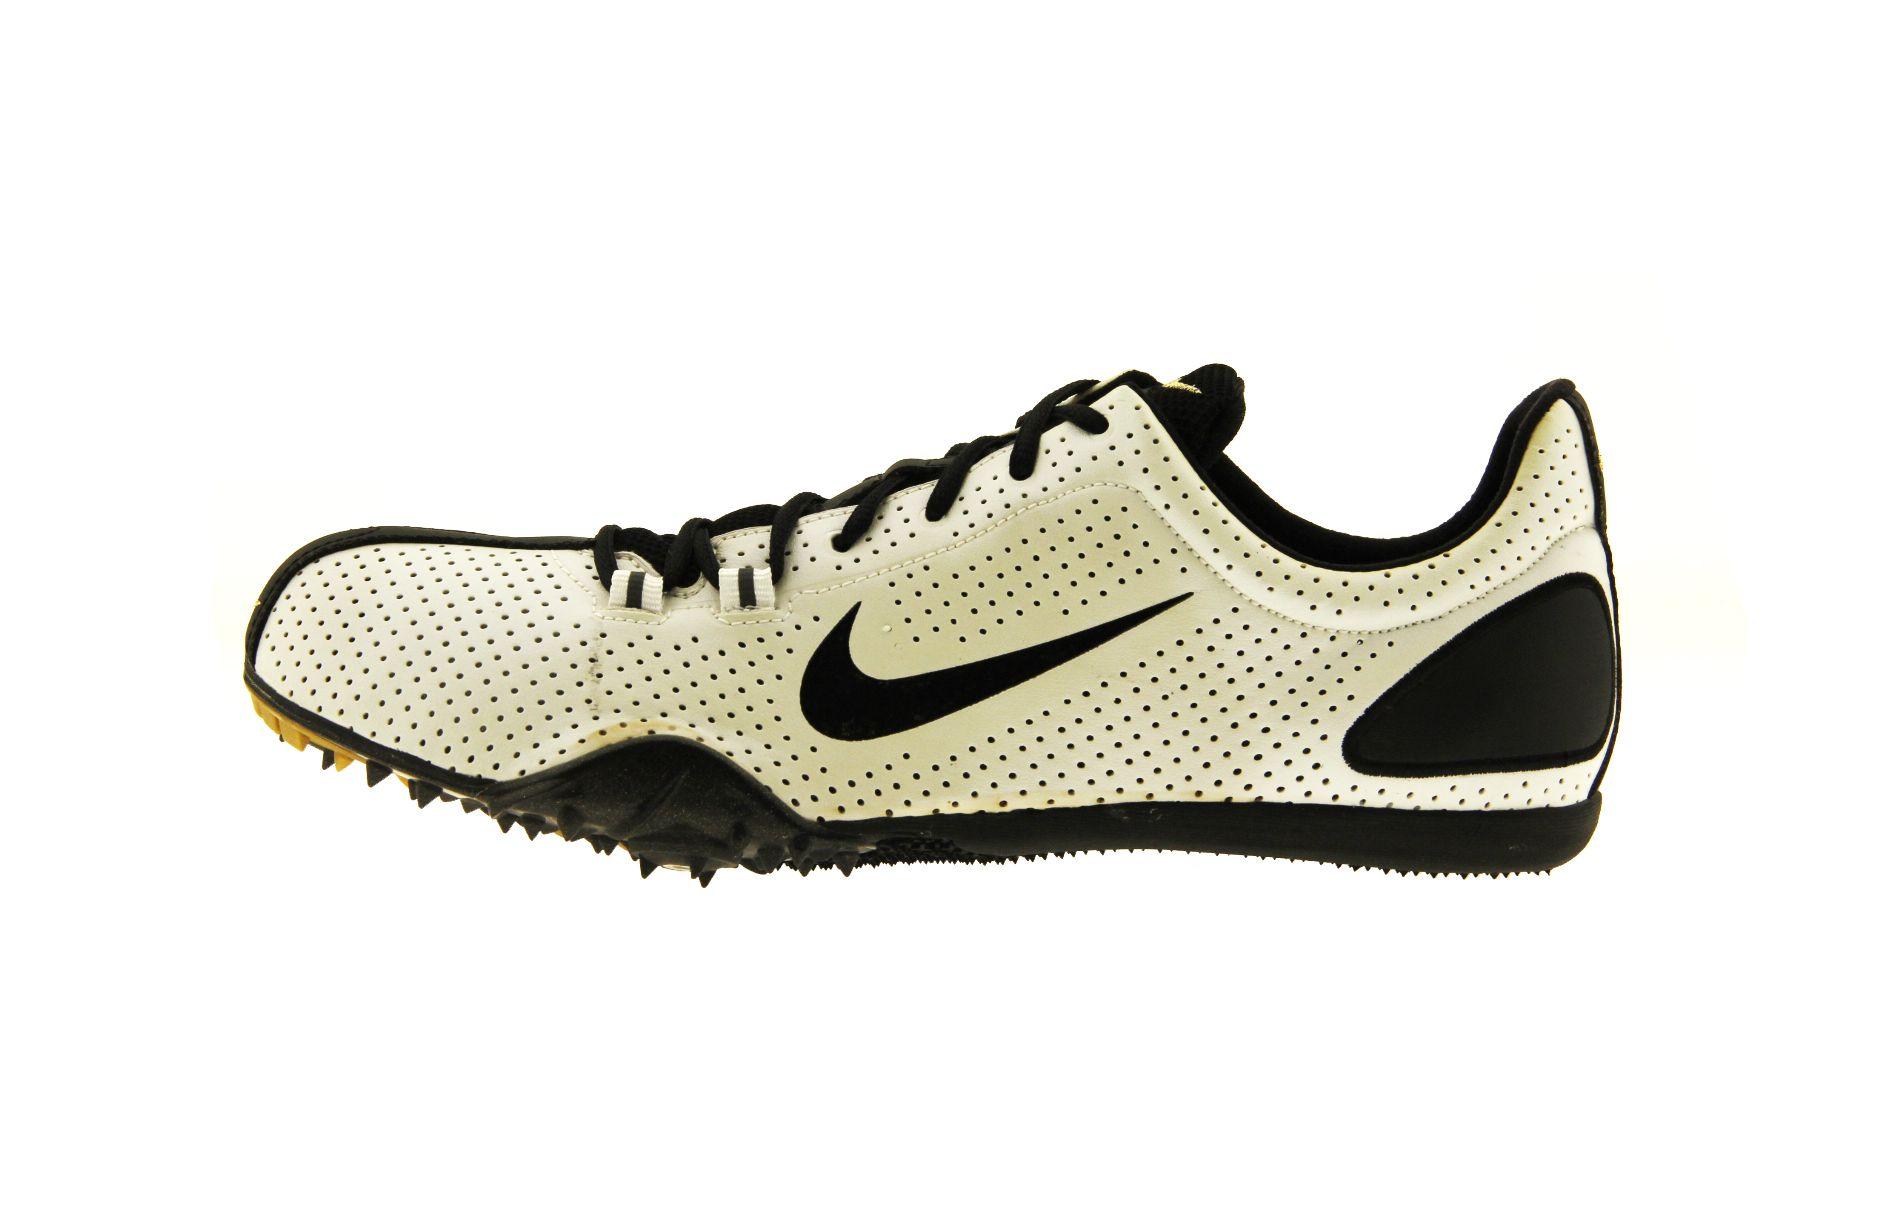 83909eeaf2a7c Track Visual Of Nike News Spike History The gAUqn7I